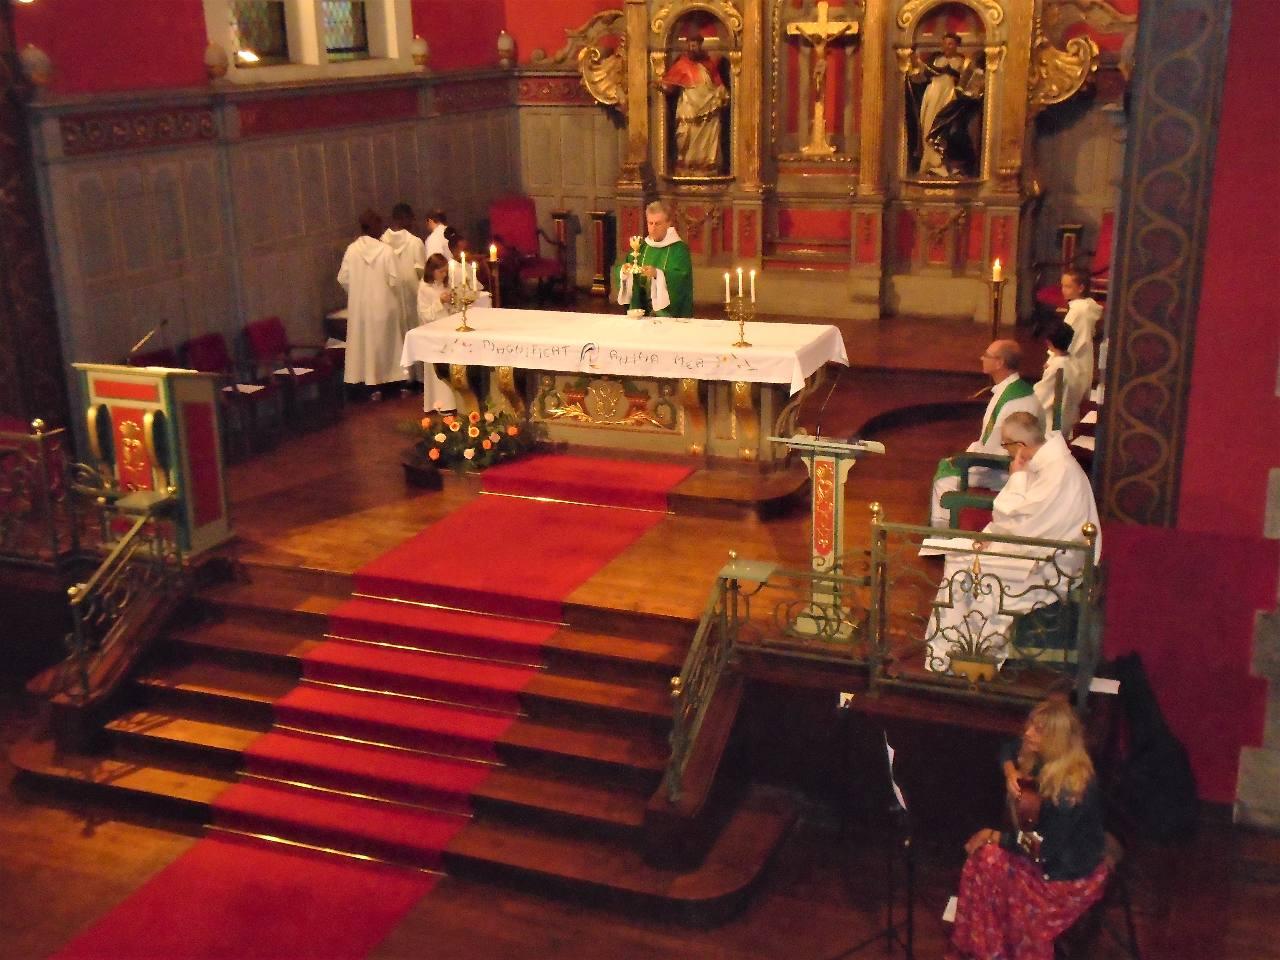 Le prêtre présente à Dieu nos offrandes, le pain et le vin, nos peines et nos joies, nos vies